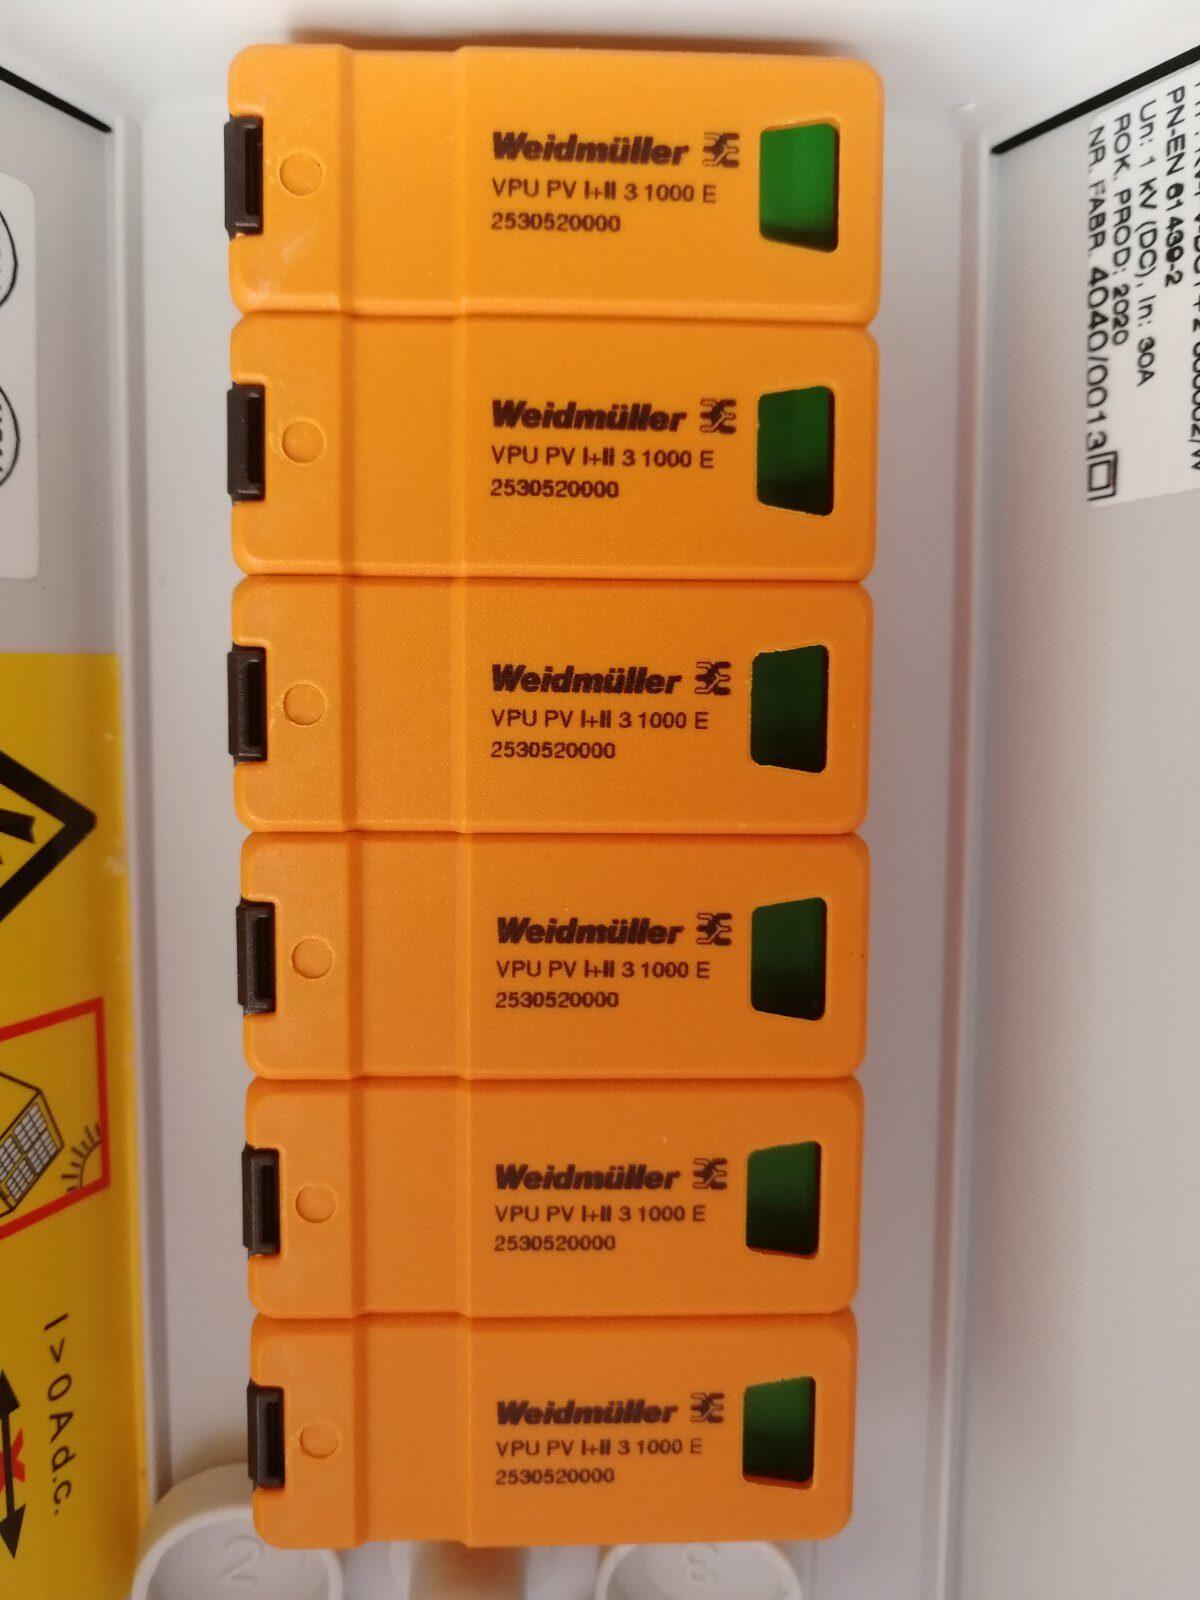 ochrona przepięciowa instalacji pv ochronnik przepięciowy montaż fotowoltaiki